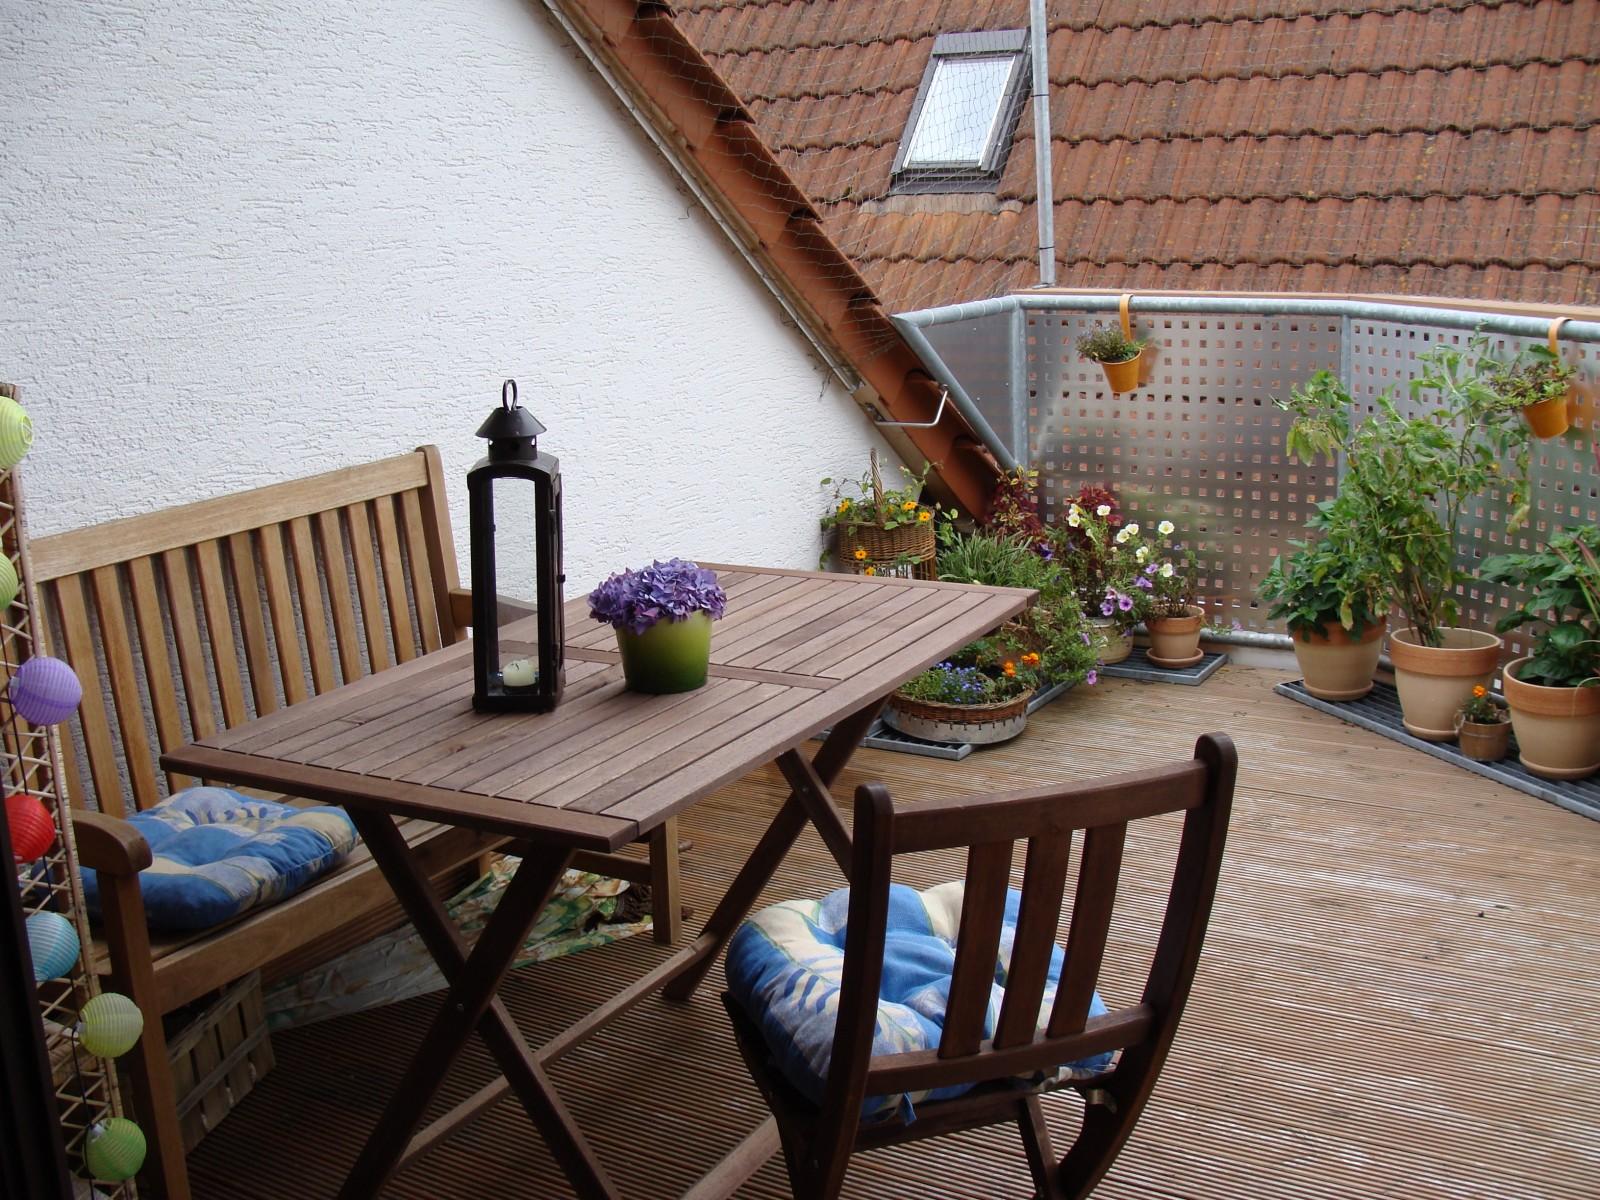 terrasse balkon 39 dachterrasse 39 wohnung 50er jahre sucht zimmerschau. Black Bedroom Furniture Sets. Home Design Ideas